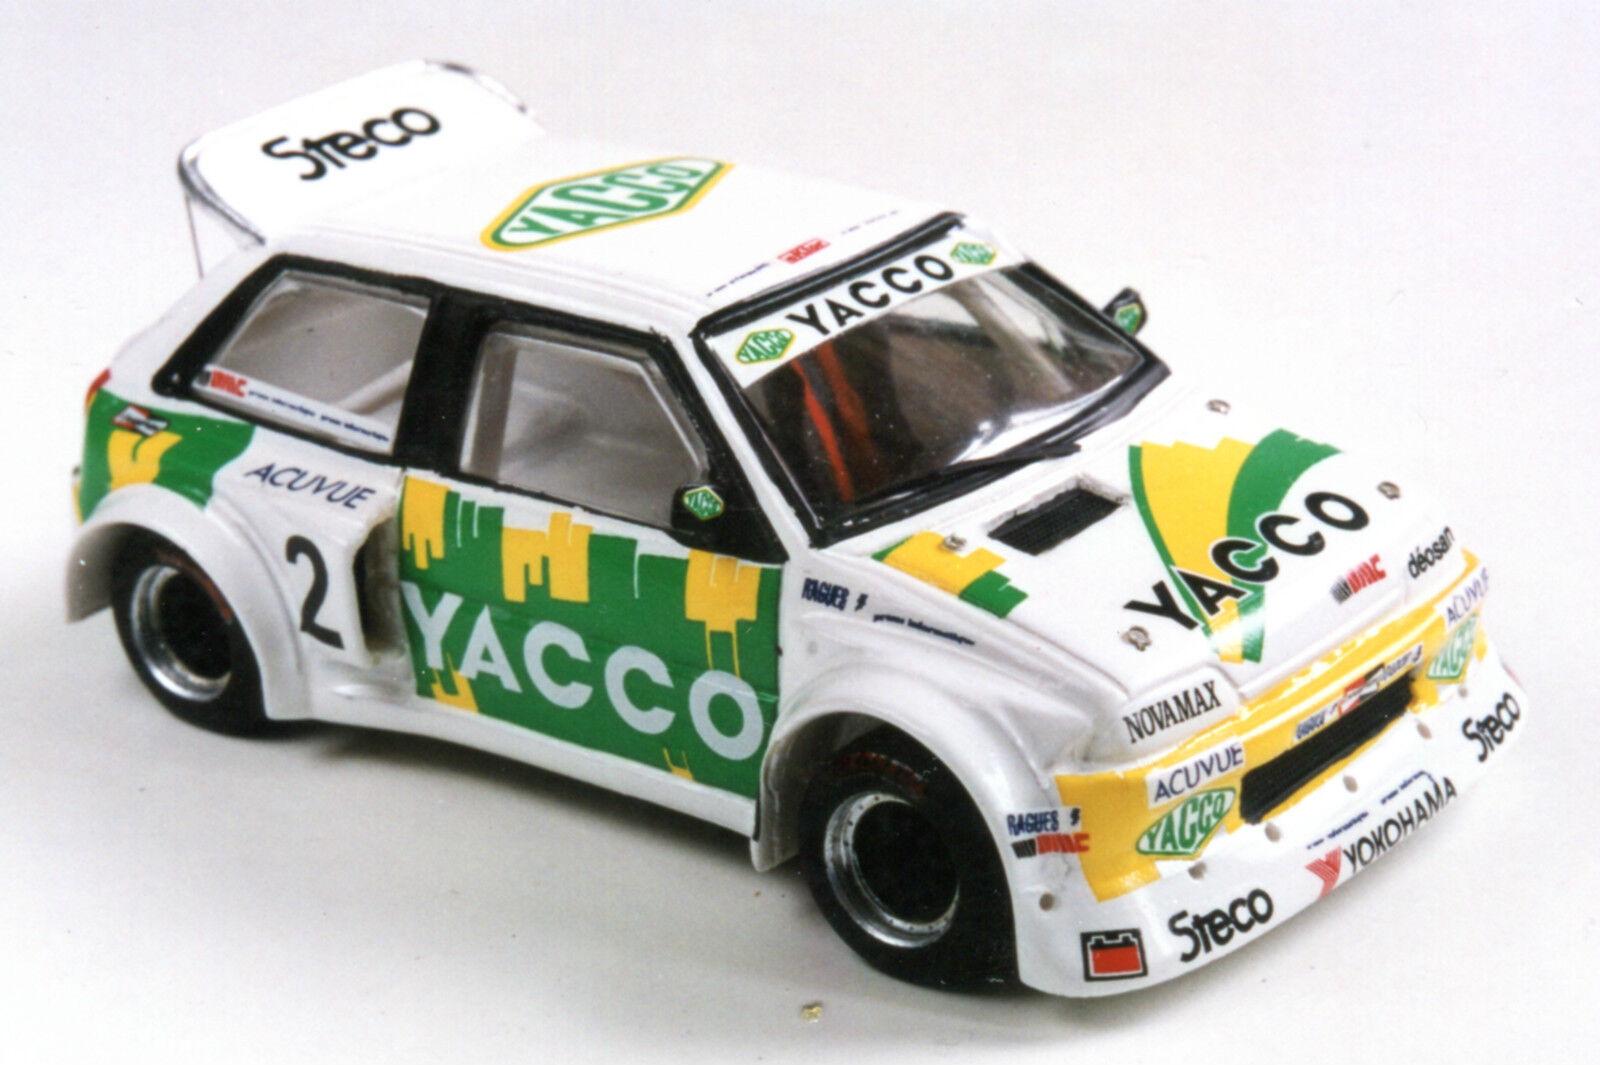 Kit for miniature auto ccc   Citroën AX 4x4  kim  1992 footnote 150  tout en haute qualité et prix bas